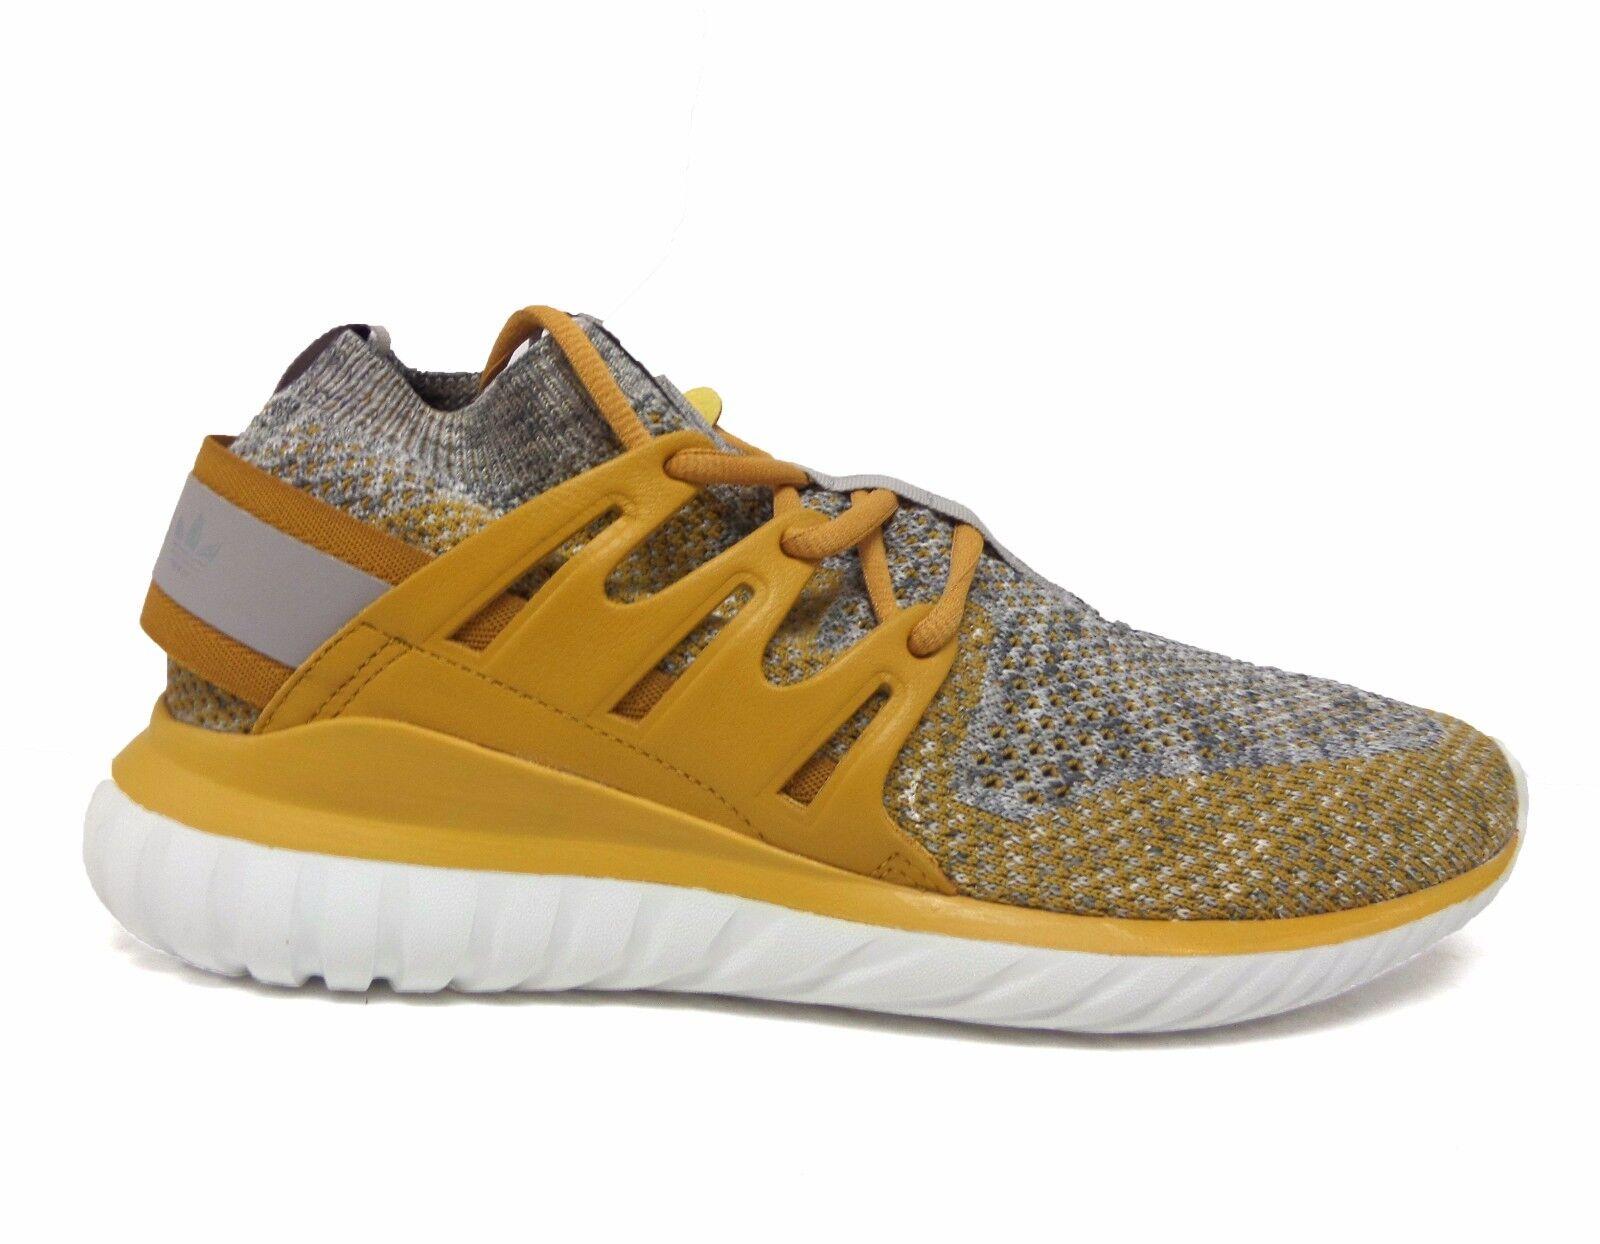 Adidas originali degli uomini giallo primeknit scarpe tubolari nova giallo uomini / granito bb8407 b df2160